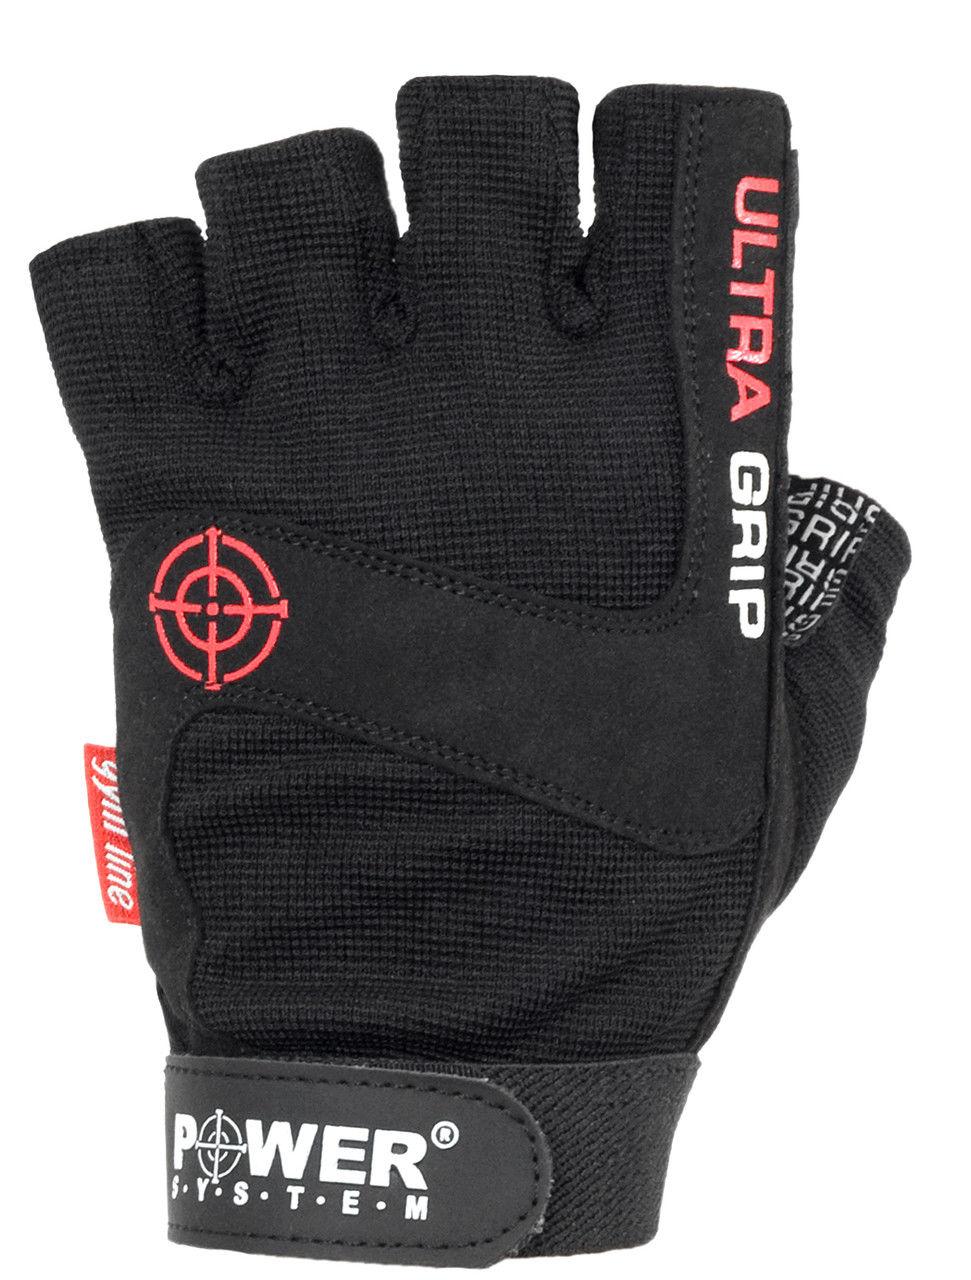 Перчатки Power System Ultra Grip PS-2400 S, Черный фото видео изображение